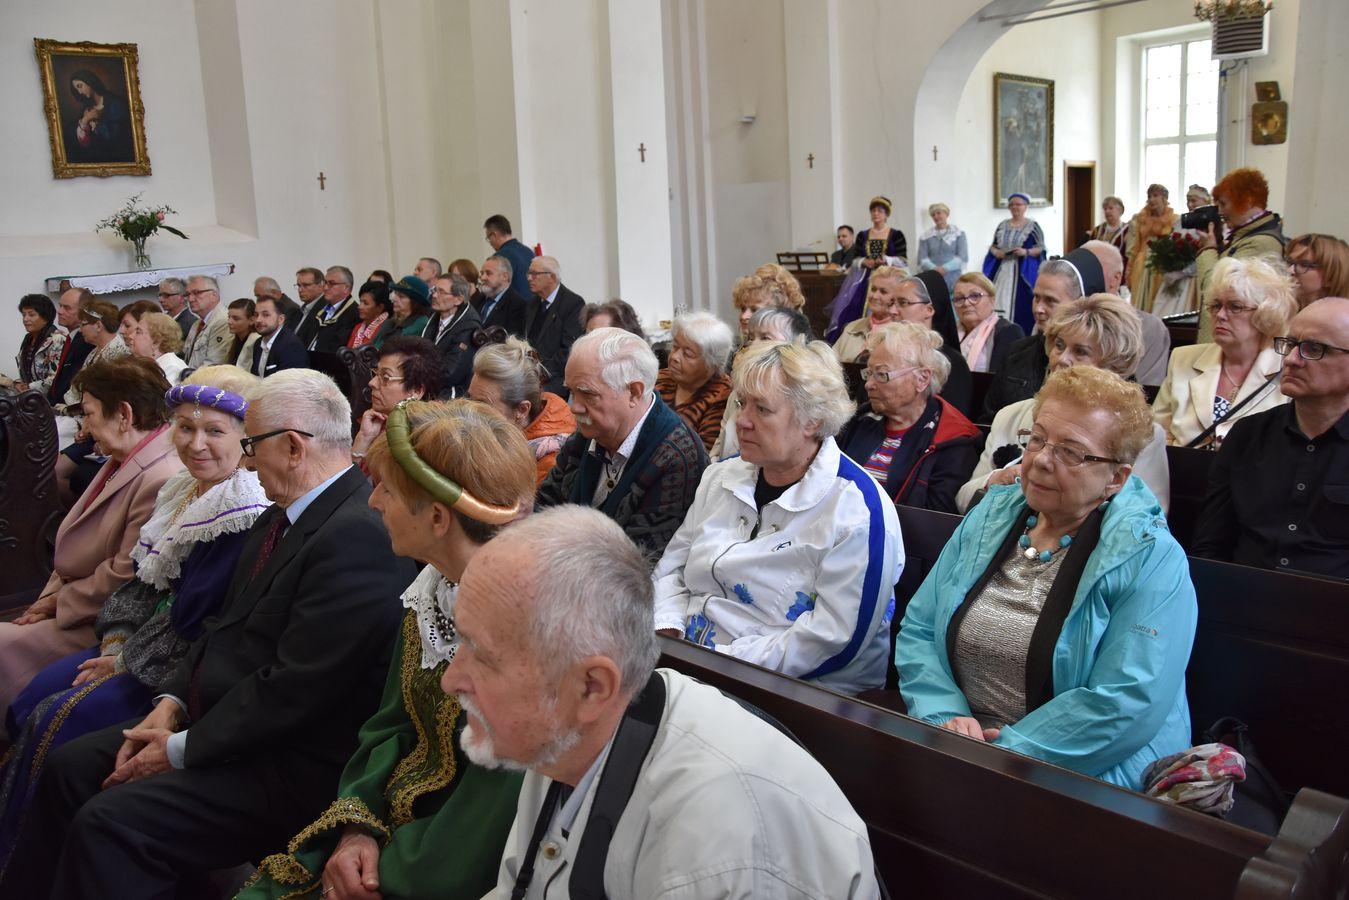 Msza-św_-w-Kaplicy-Królewskiej-fot_-J_-Wikowski-A31_7108